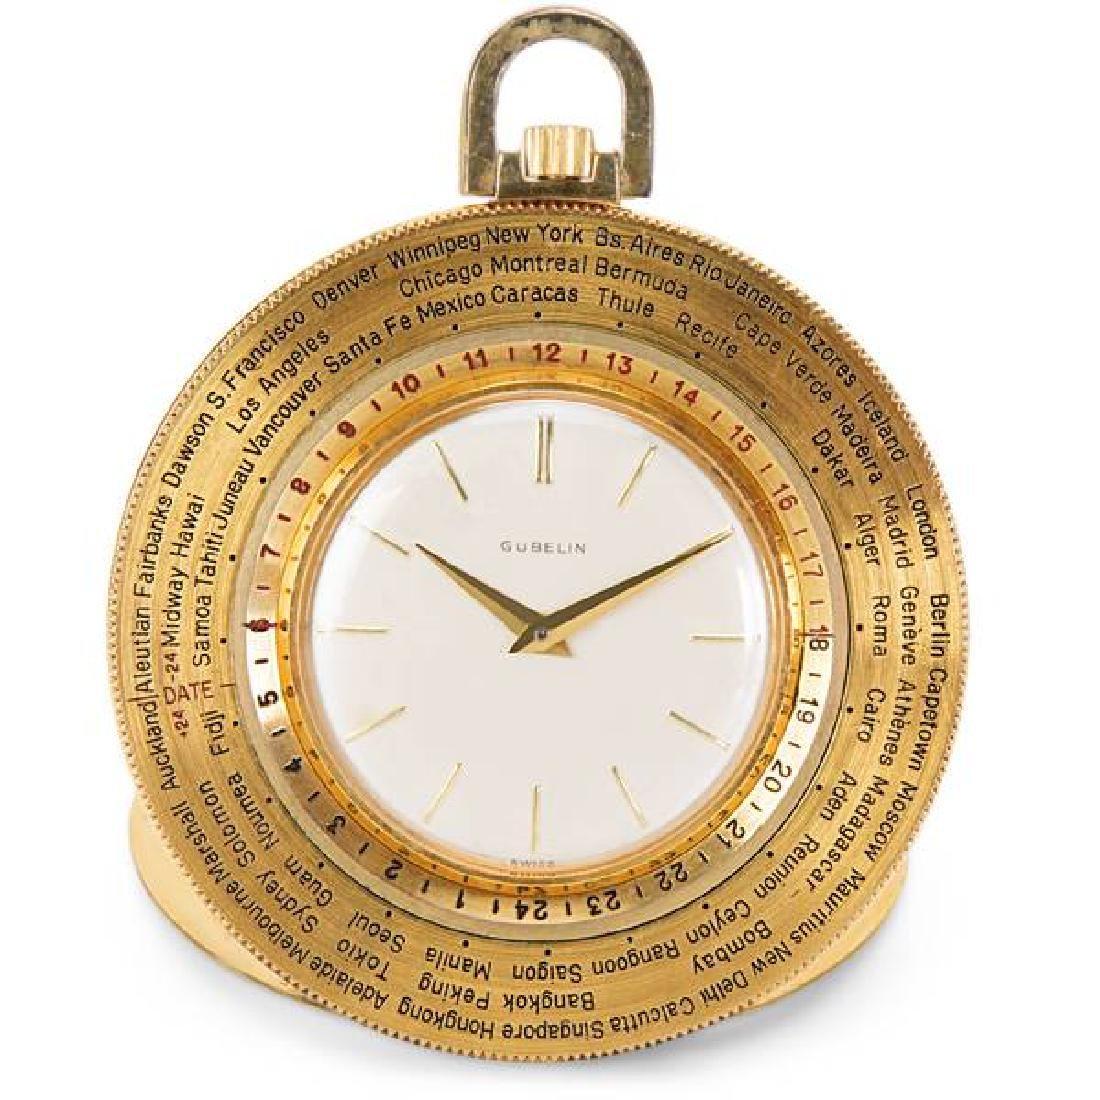 Gubelin World Timer Pocket Watch in 14K Gold-Filled -